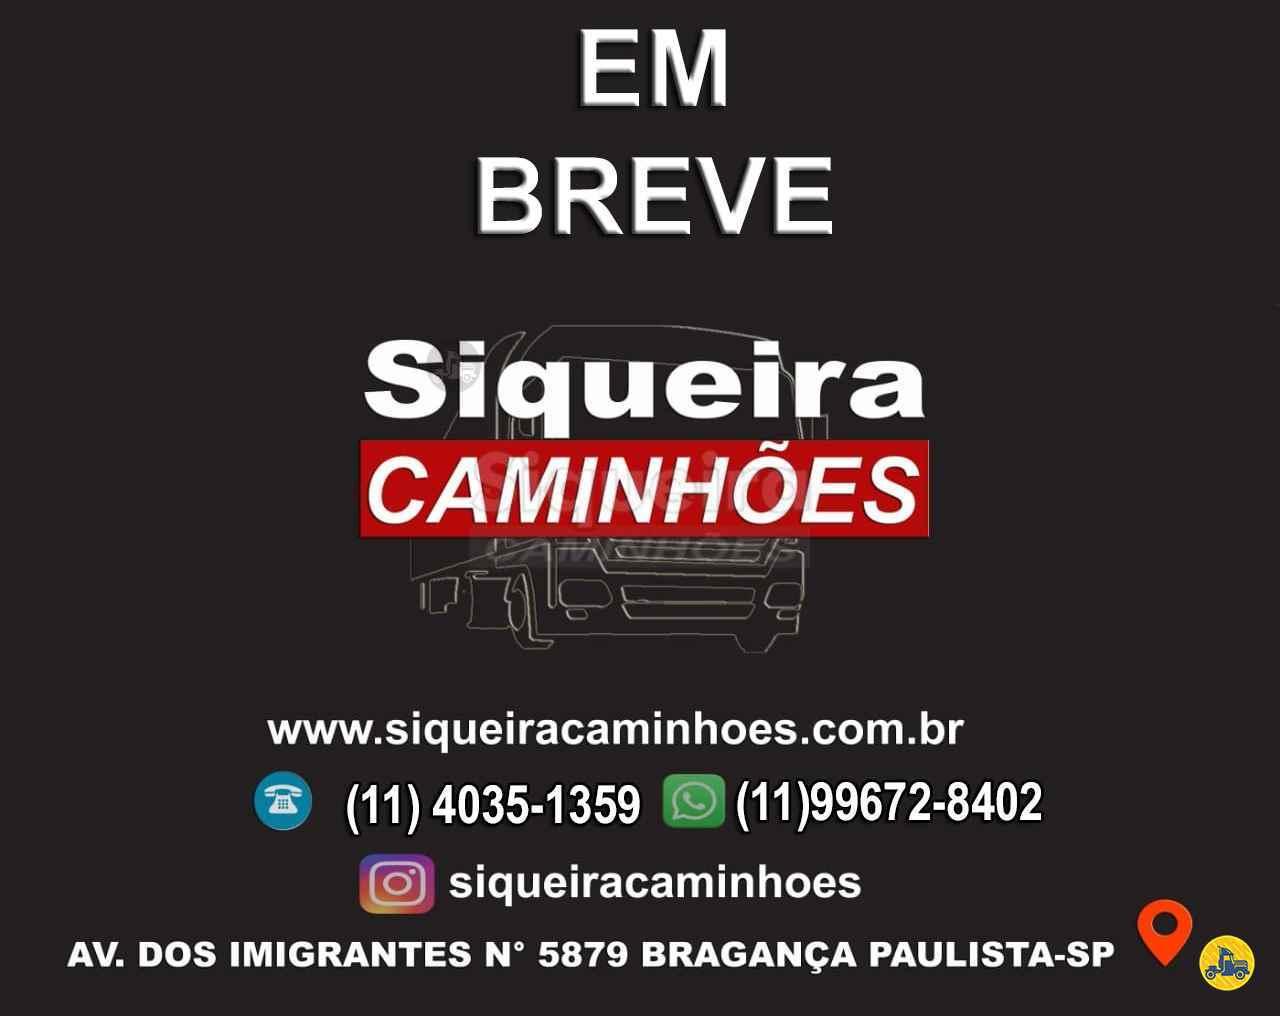 CAMINHAO VOLVO VOLVO VM 260 Carga Seca Truck 6x2 Siqueira Caminhões BRAGANCA PAULISTA SÃO PAULO SP